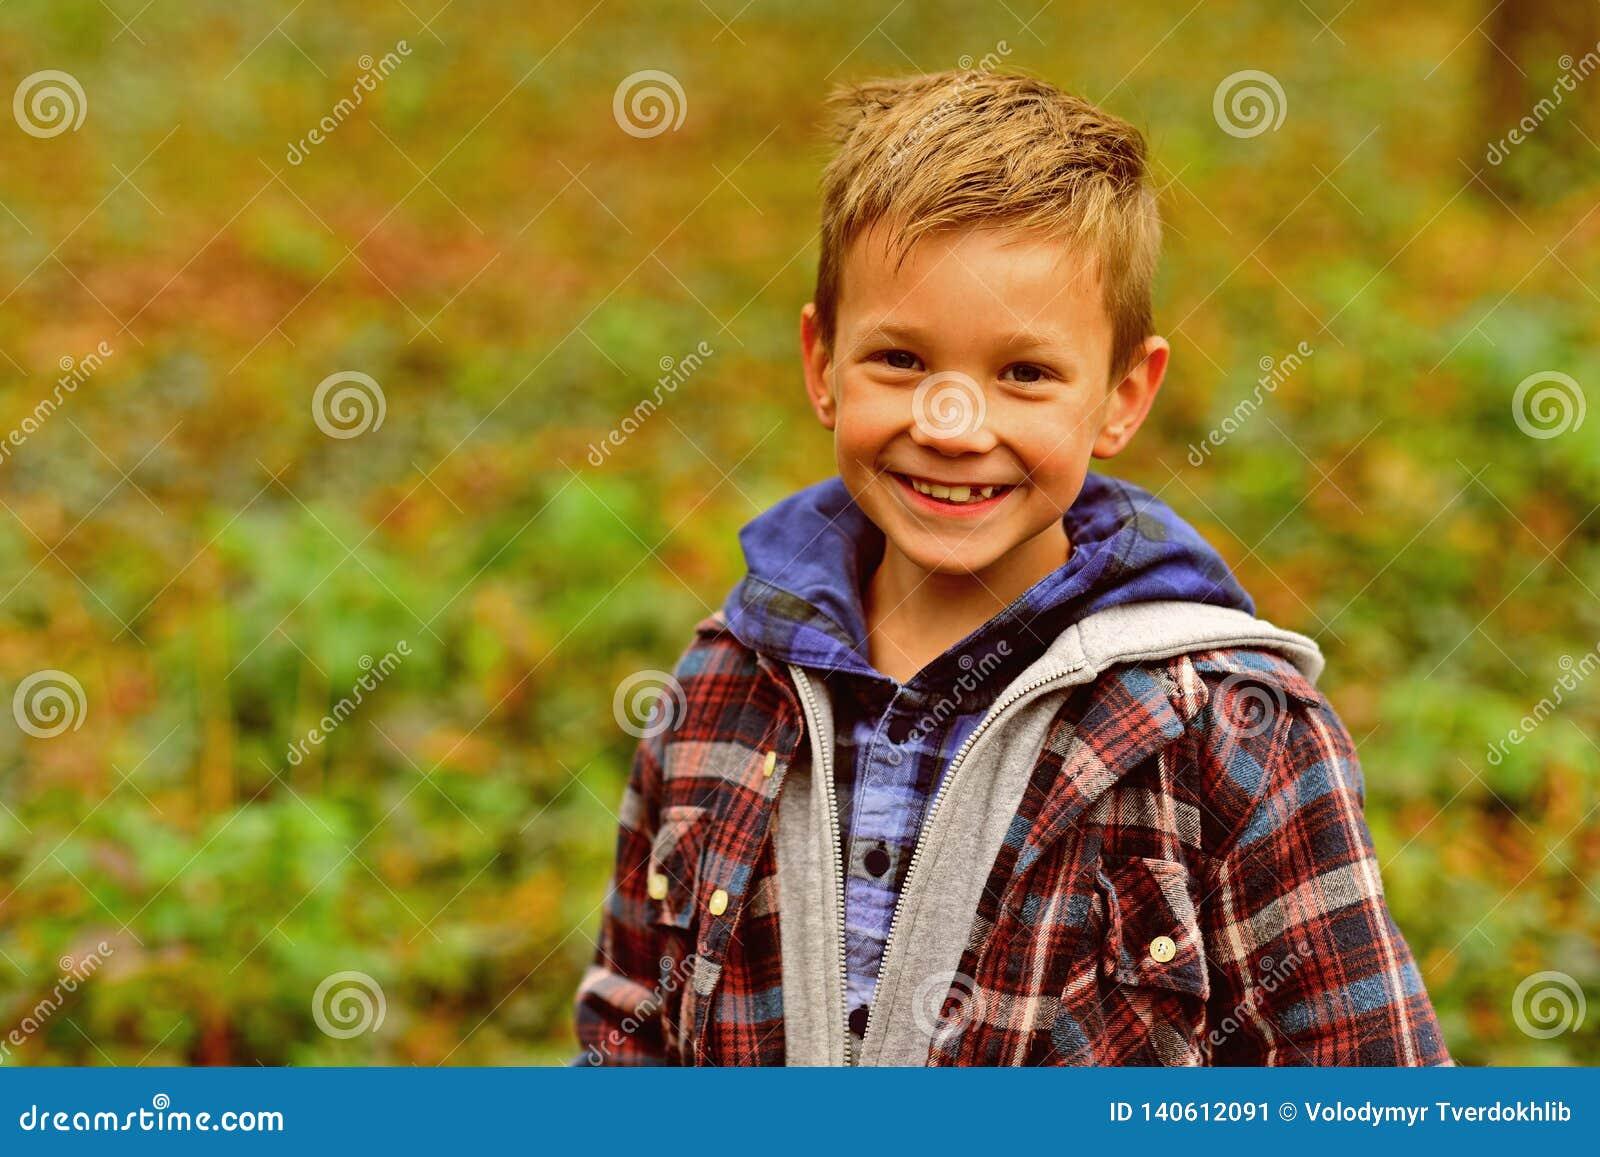 Śmieszną kość Śmieszna chłopiec Chłopiec szczęśliwy ono uśmiecha się na naturalnym krajobrazie Małe dziecko zabawę na świeżym pow